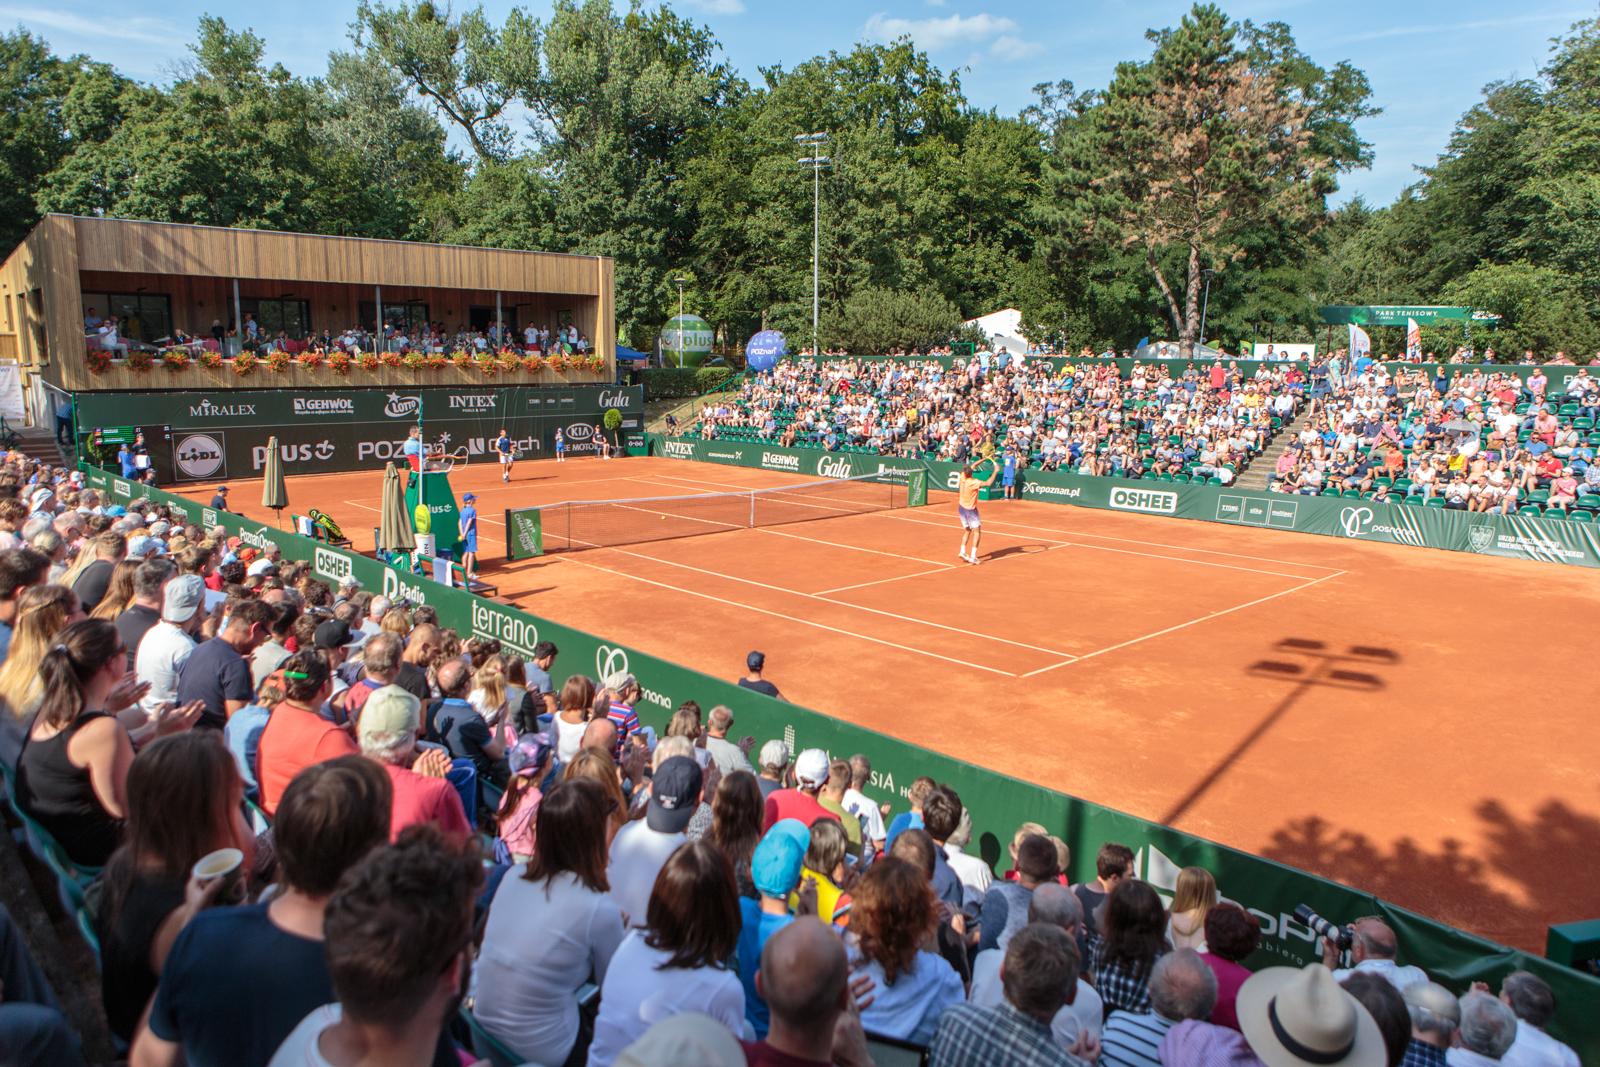 Wielki Tenis w sportowej Arenie!